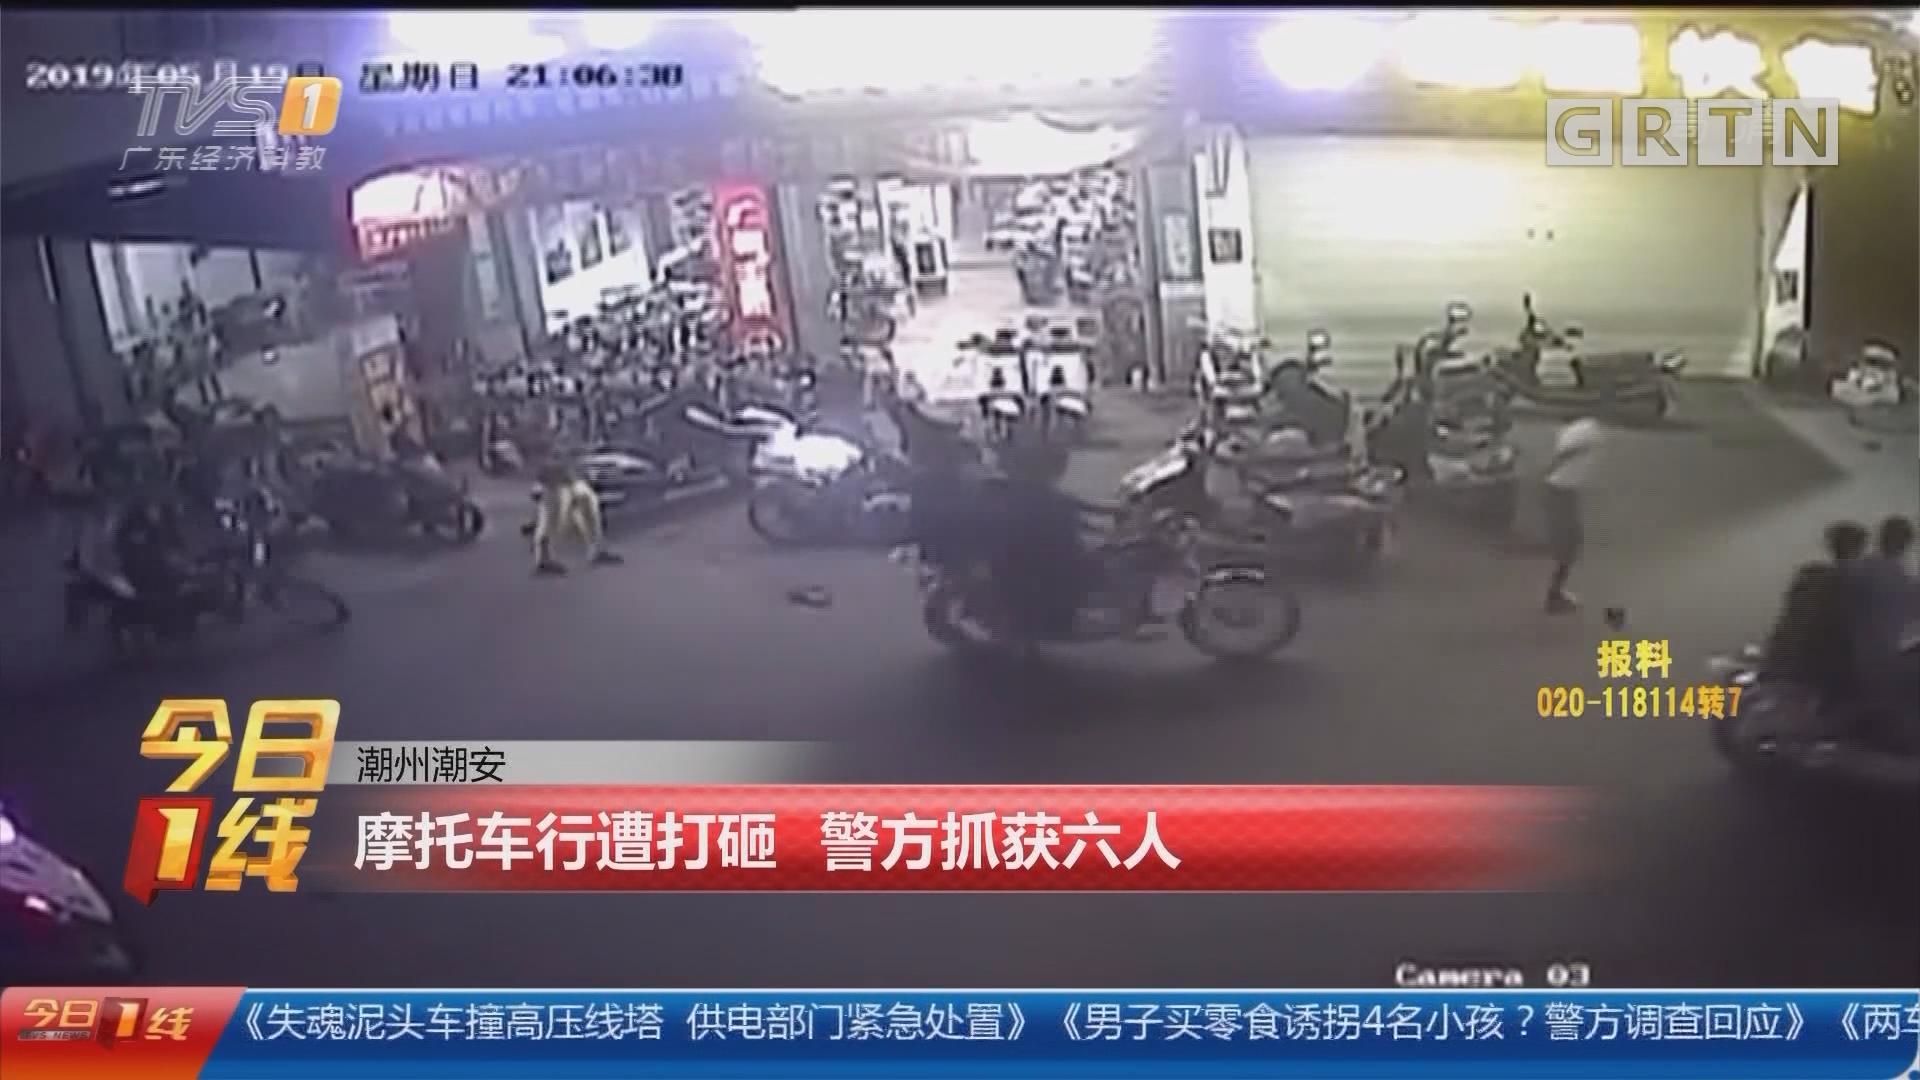 潮州潮安:摩托车行遭打砸 警方抓获六人